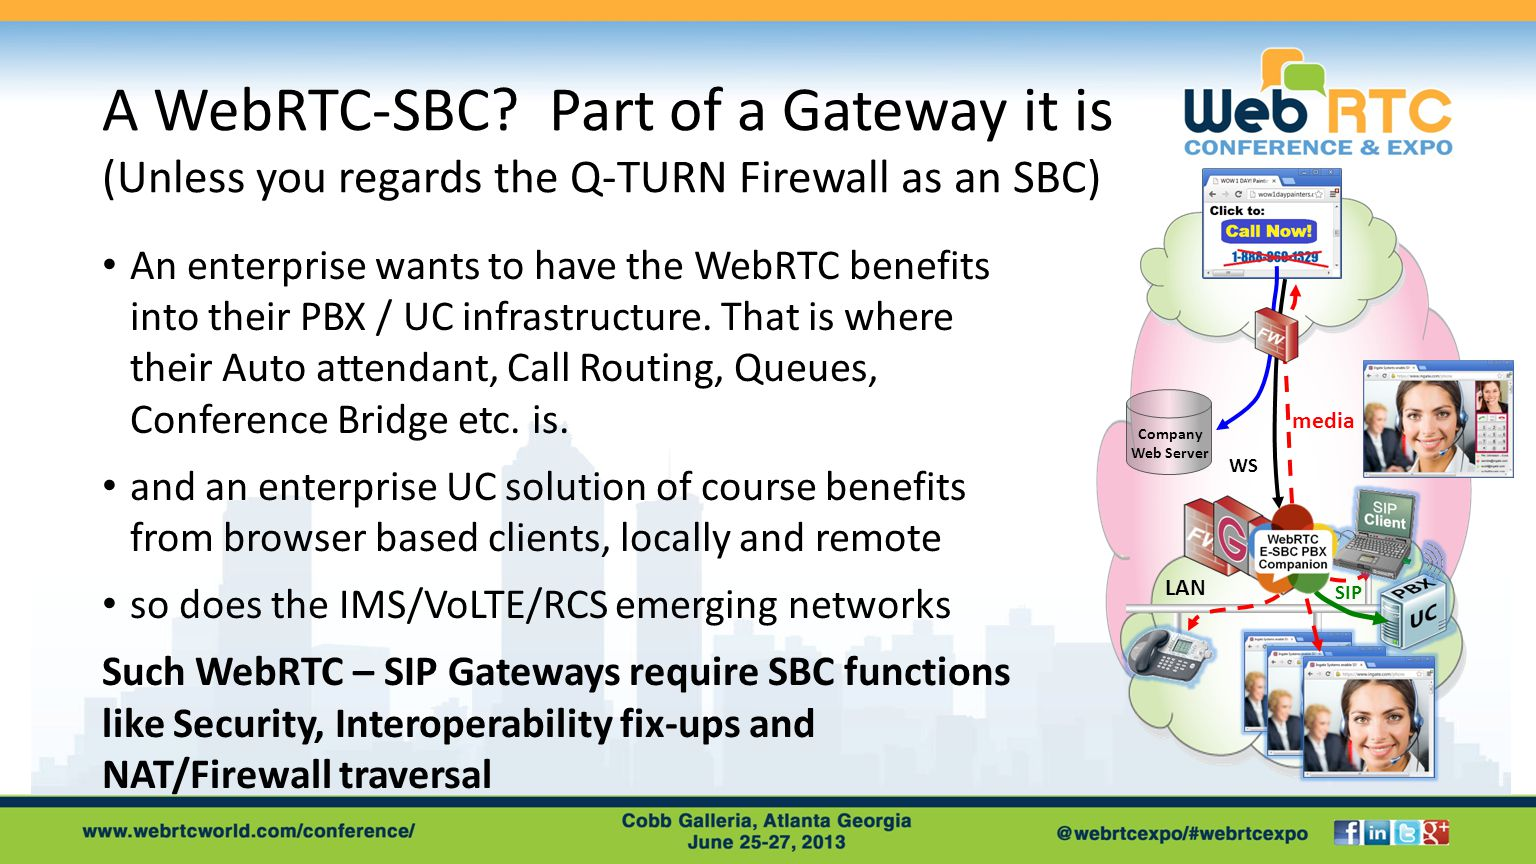 A WebRTC-SBC.